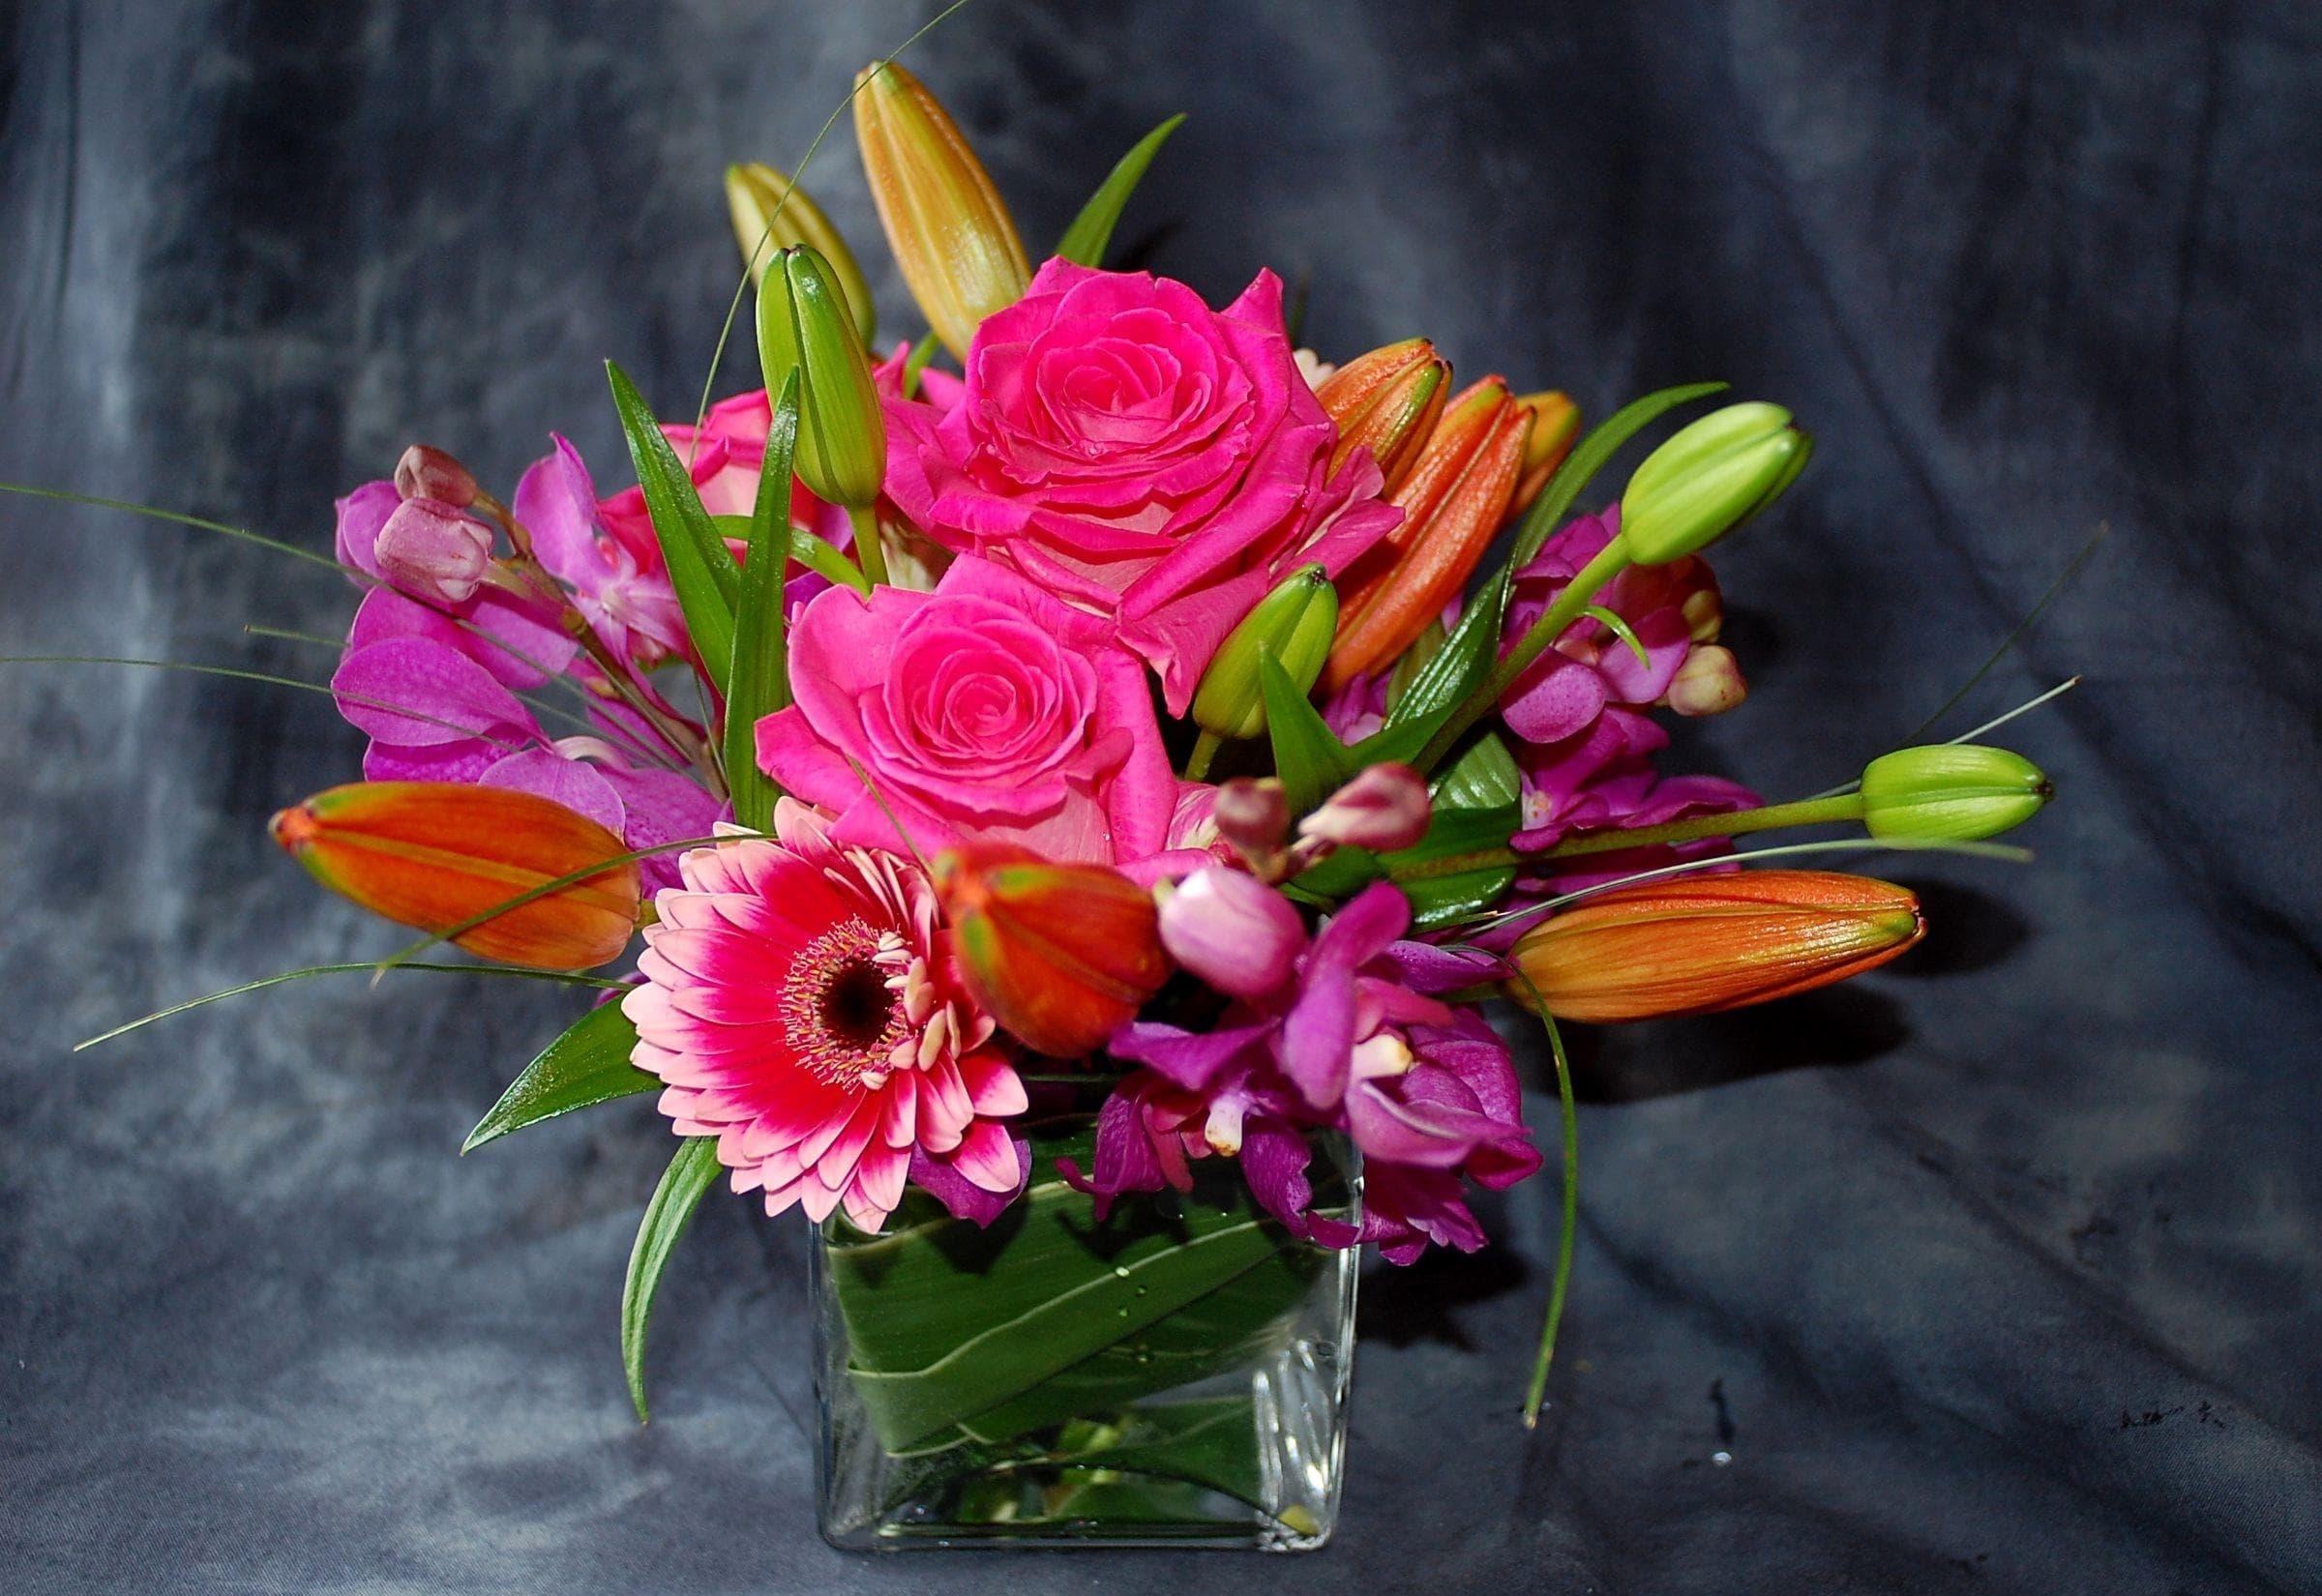 Картинки цветы, красивые букеты. 70 фото. Скачайте бесплатно!